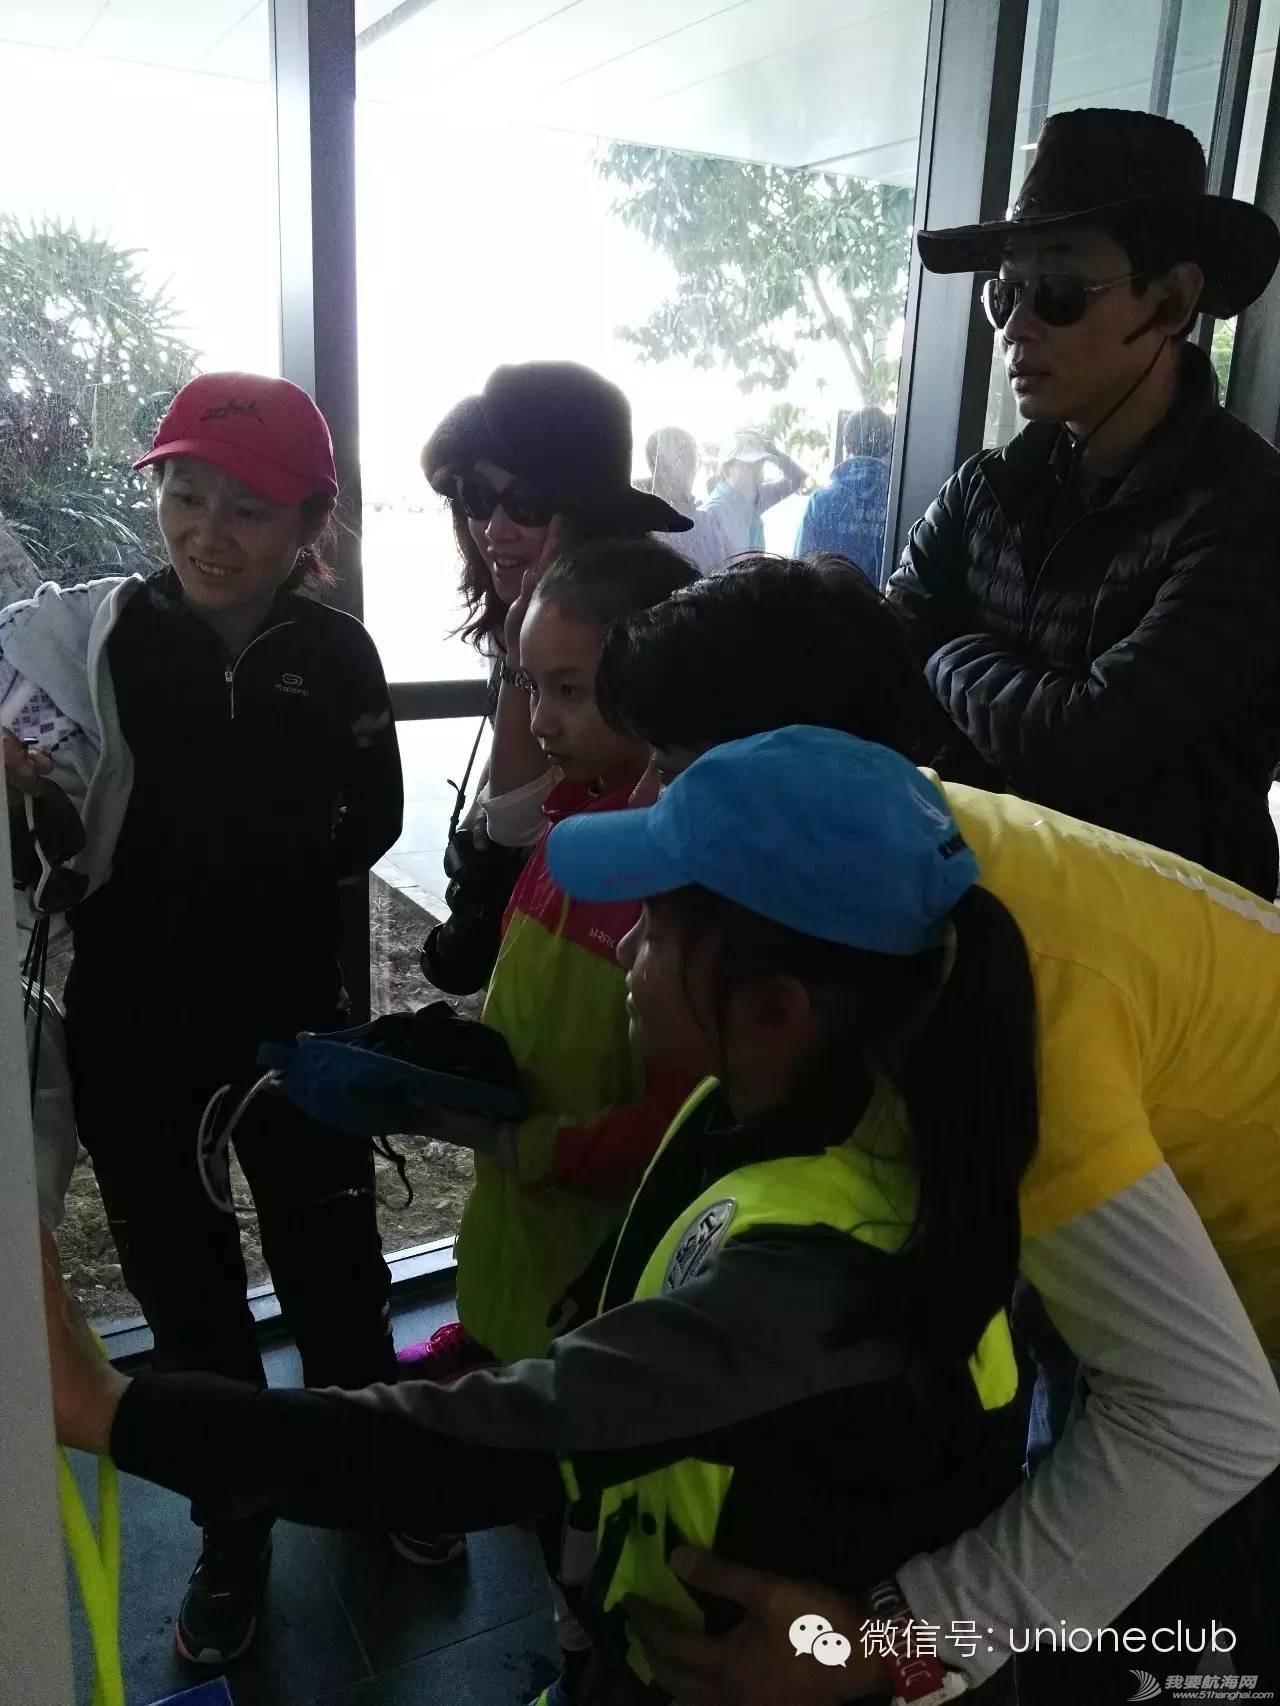 深圳市少年OP帆船积分赛首轮开赛啦! 188bbe50a6a06b7d2e09509ce1f29d4f.jpg